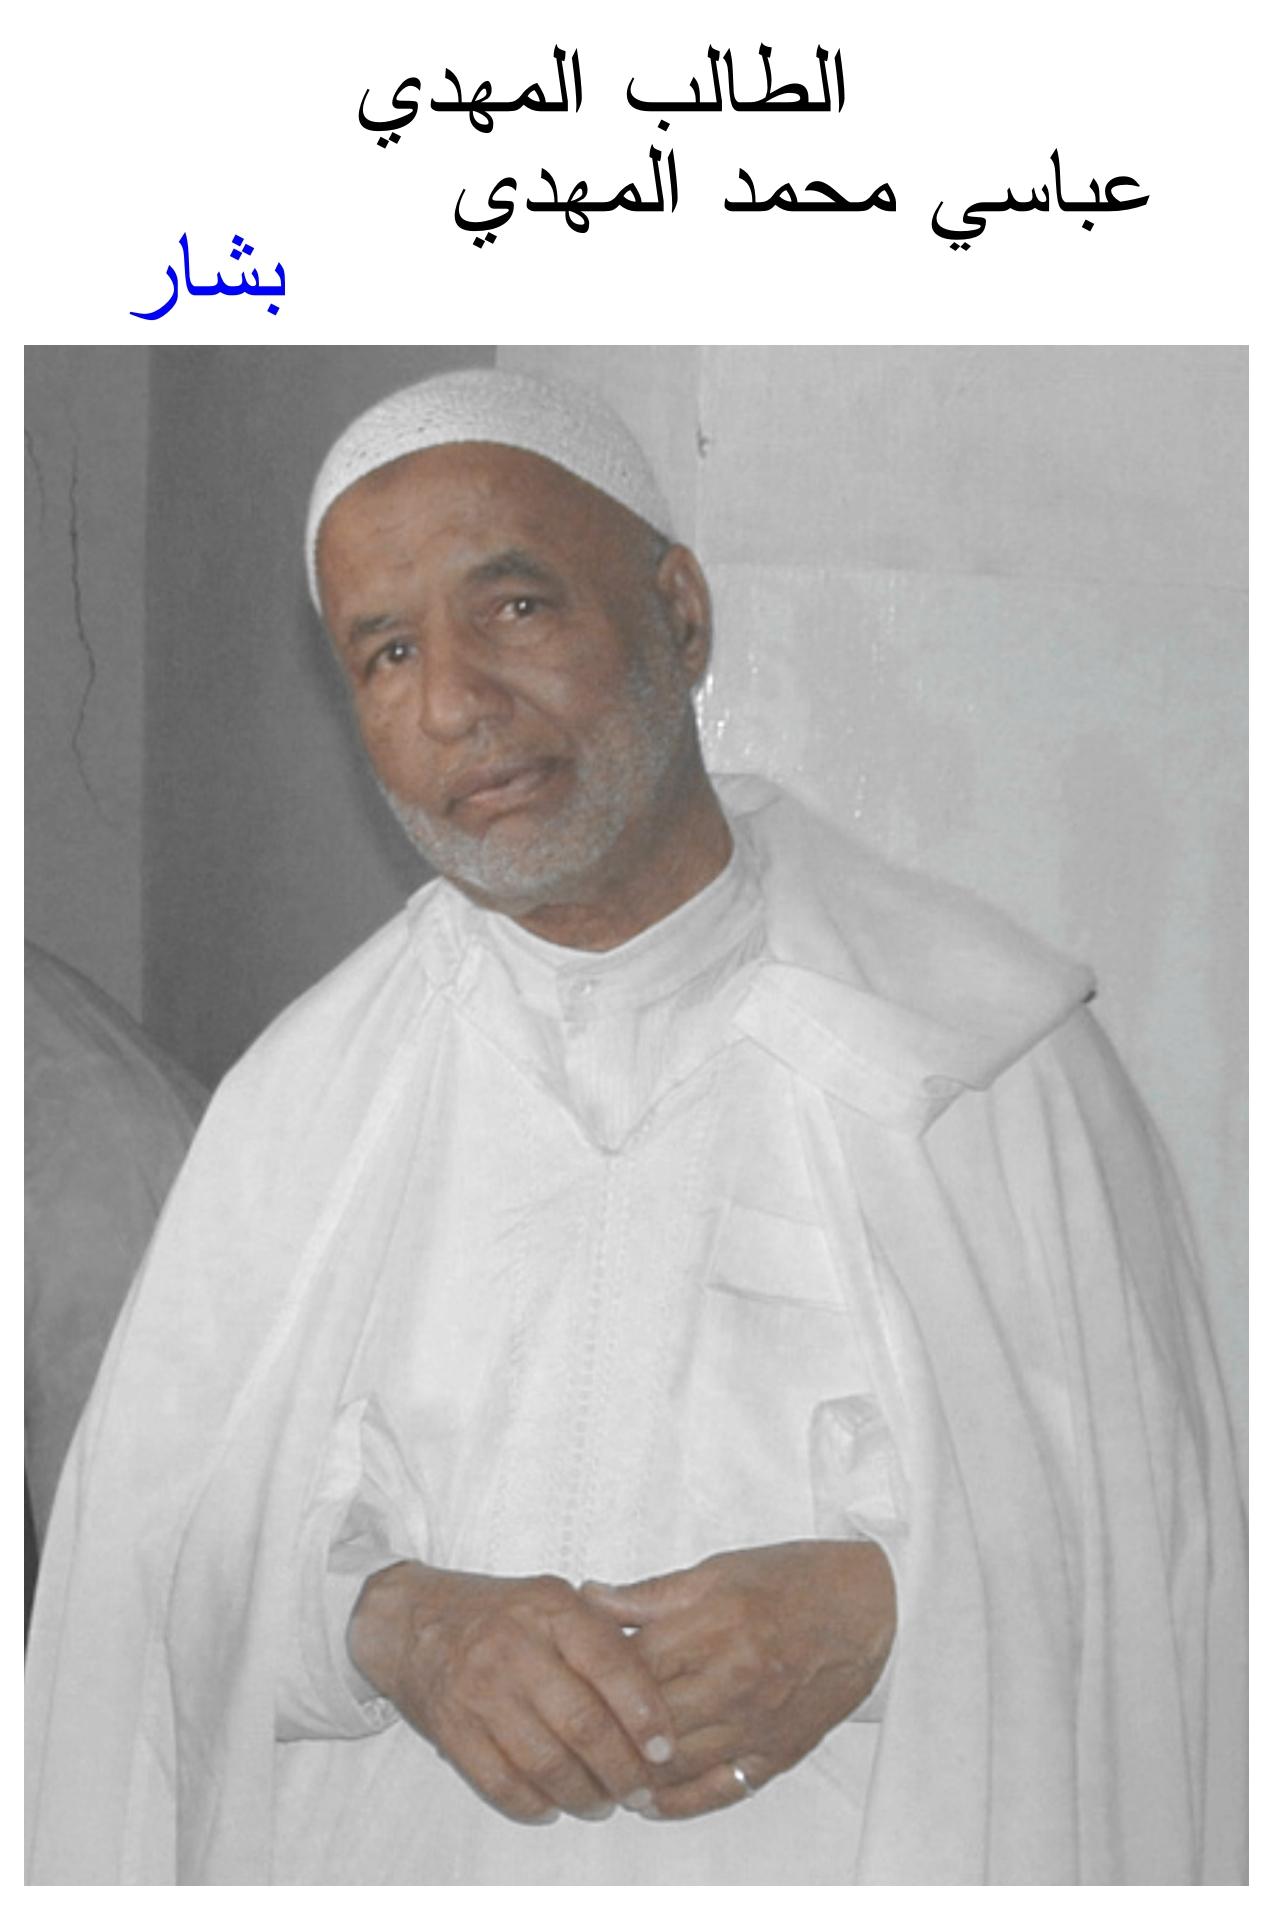 Cheikh Sidi Mohamed Elmahdi dit taleb el mahdi